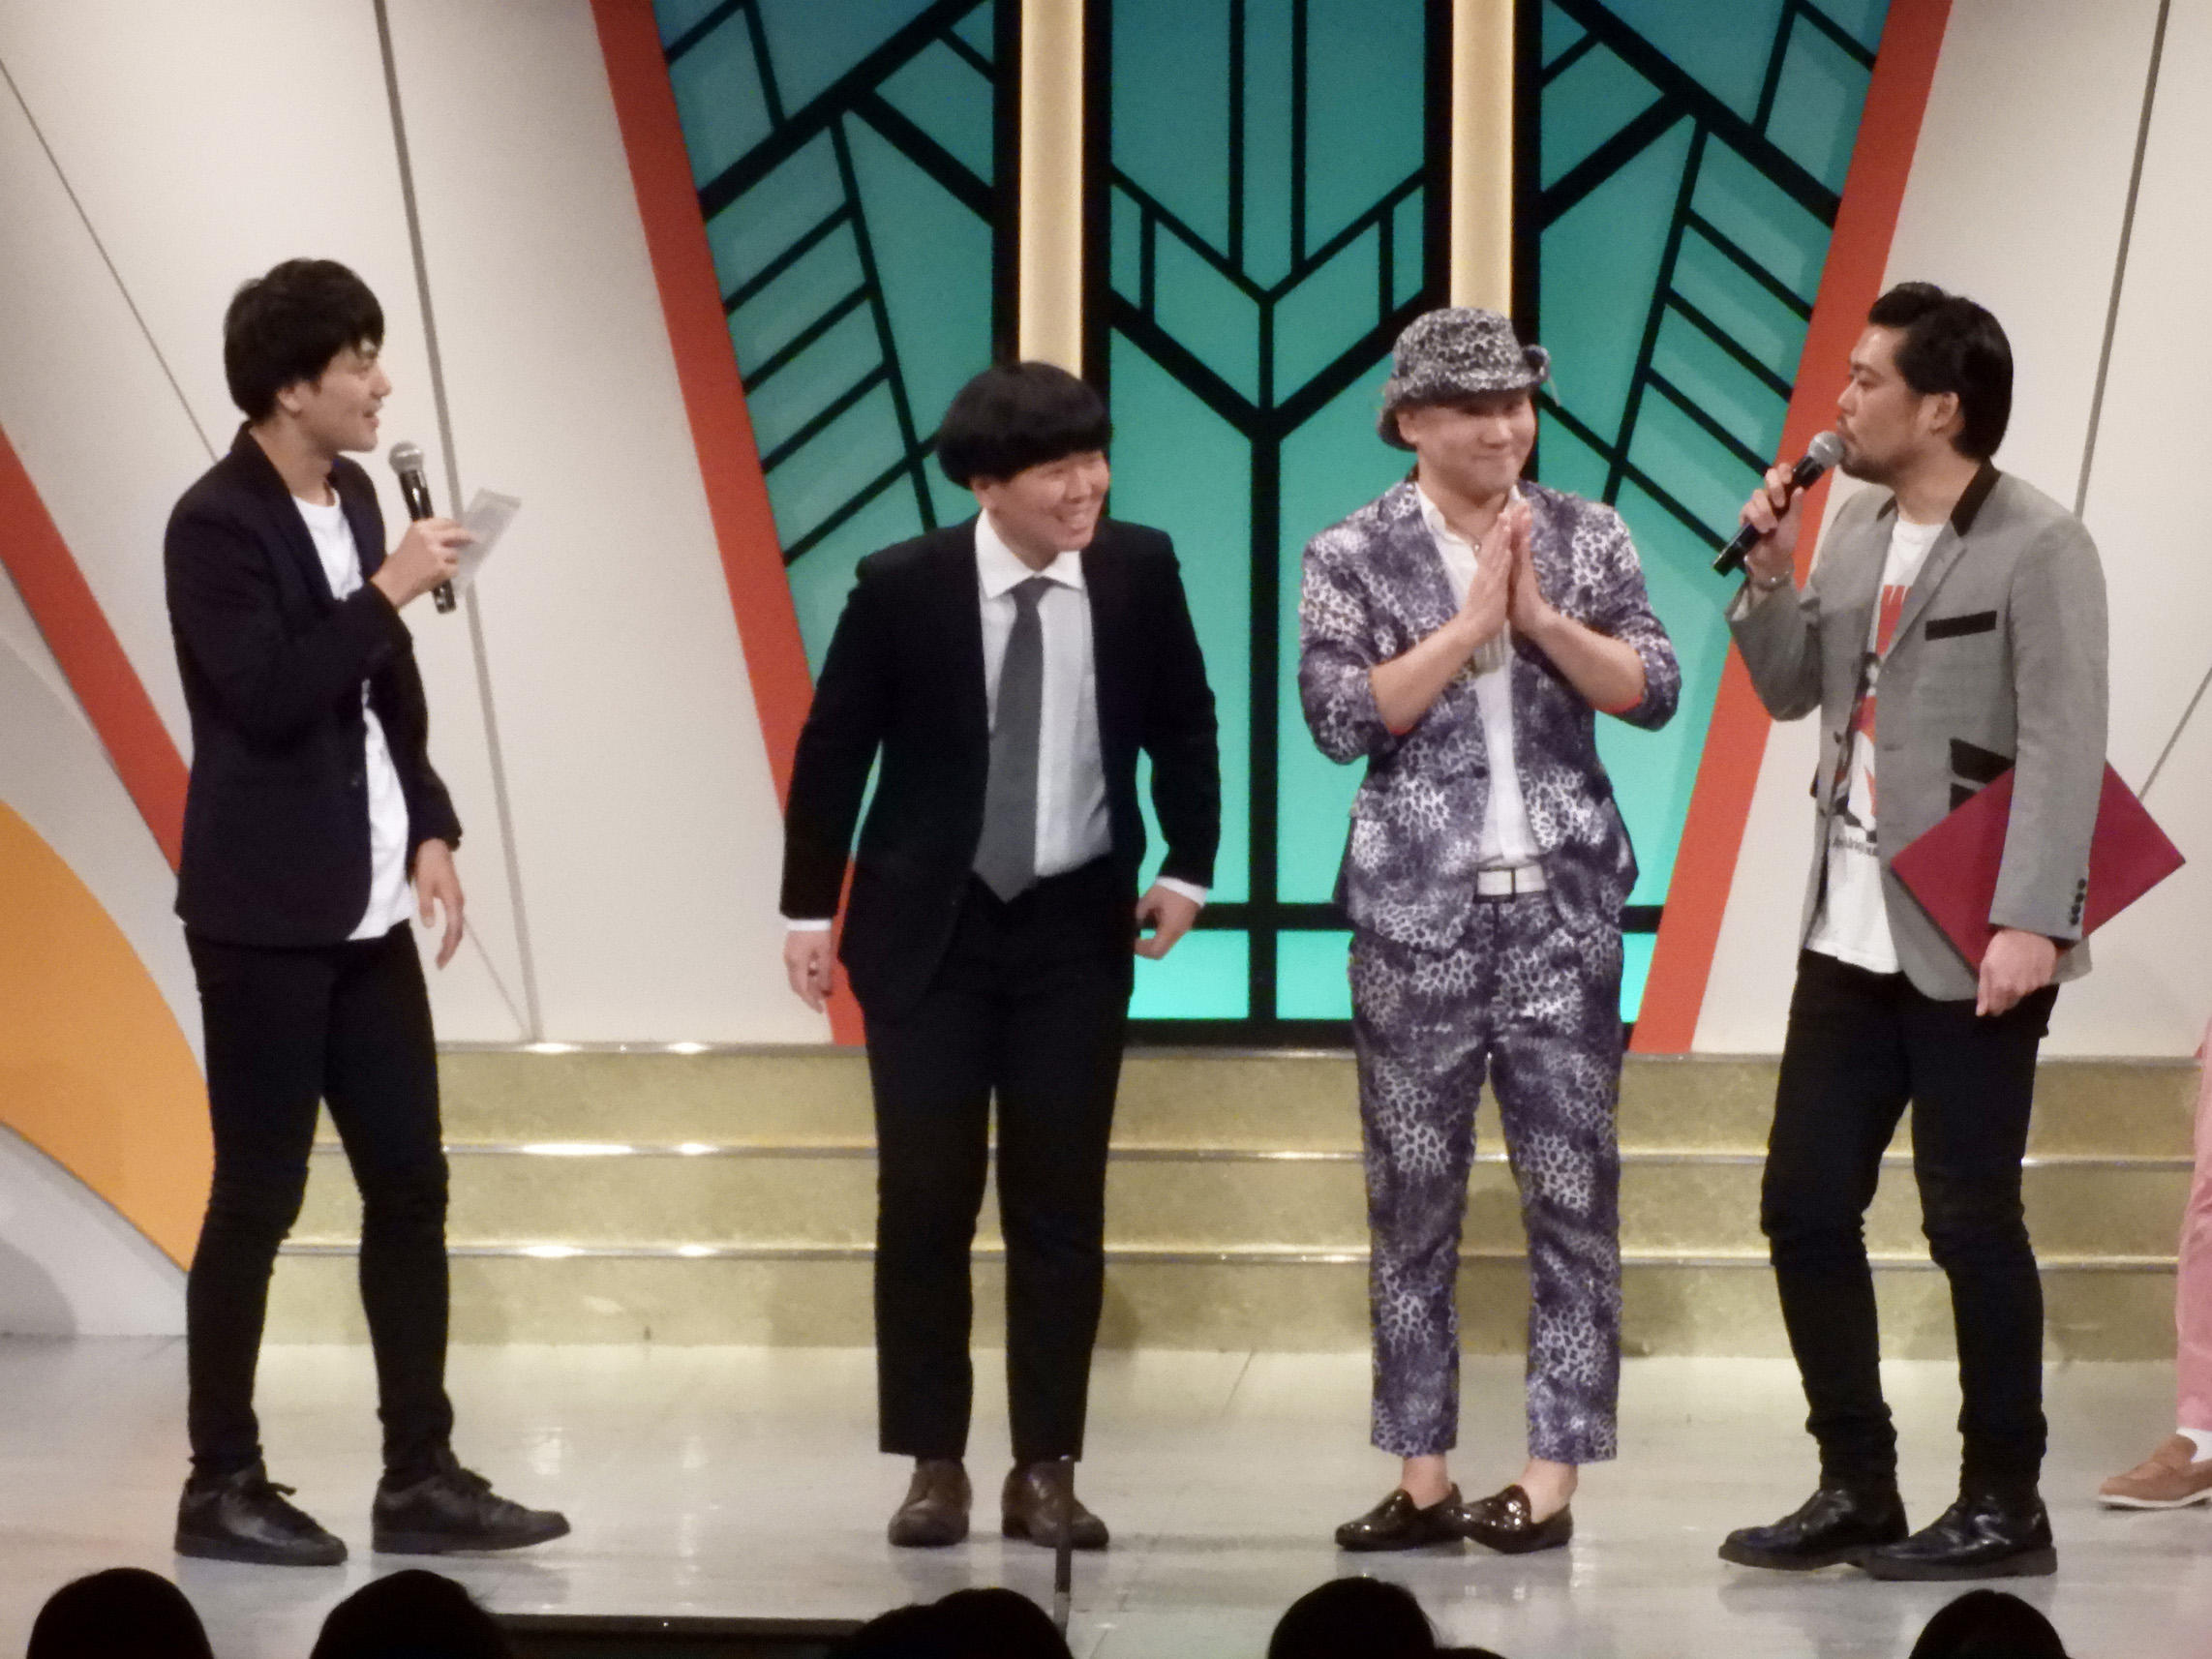 http://news.yoshimoto.co.jp/20181109121450-2759bd3b2690582c434c7b18f49a6f12e9ff4740.jpg